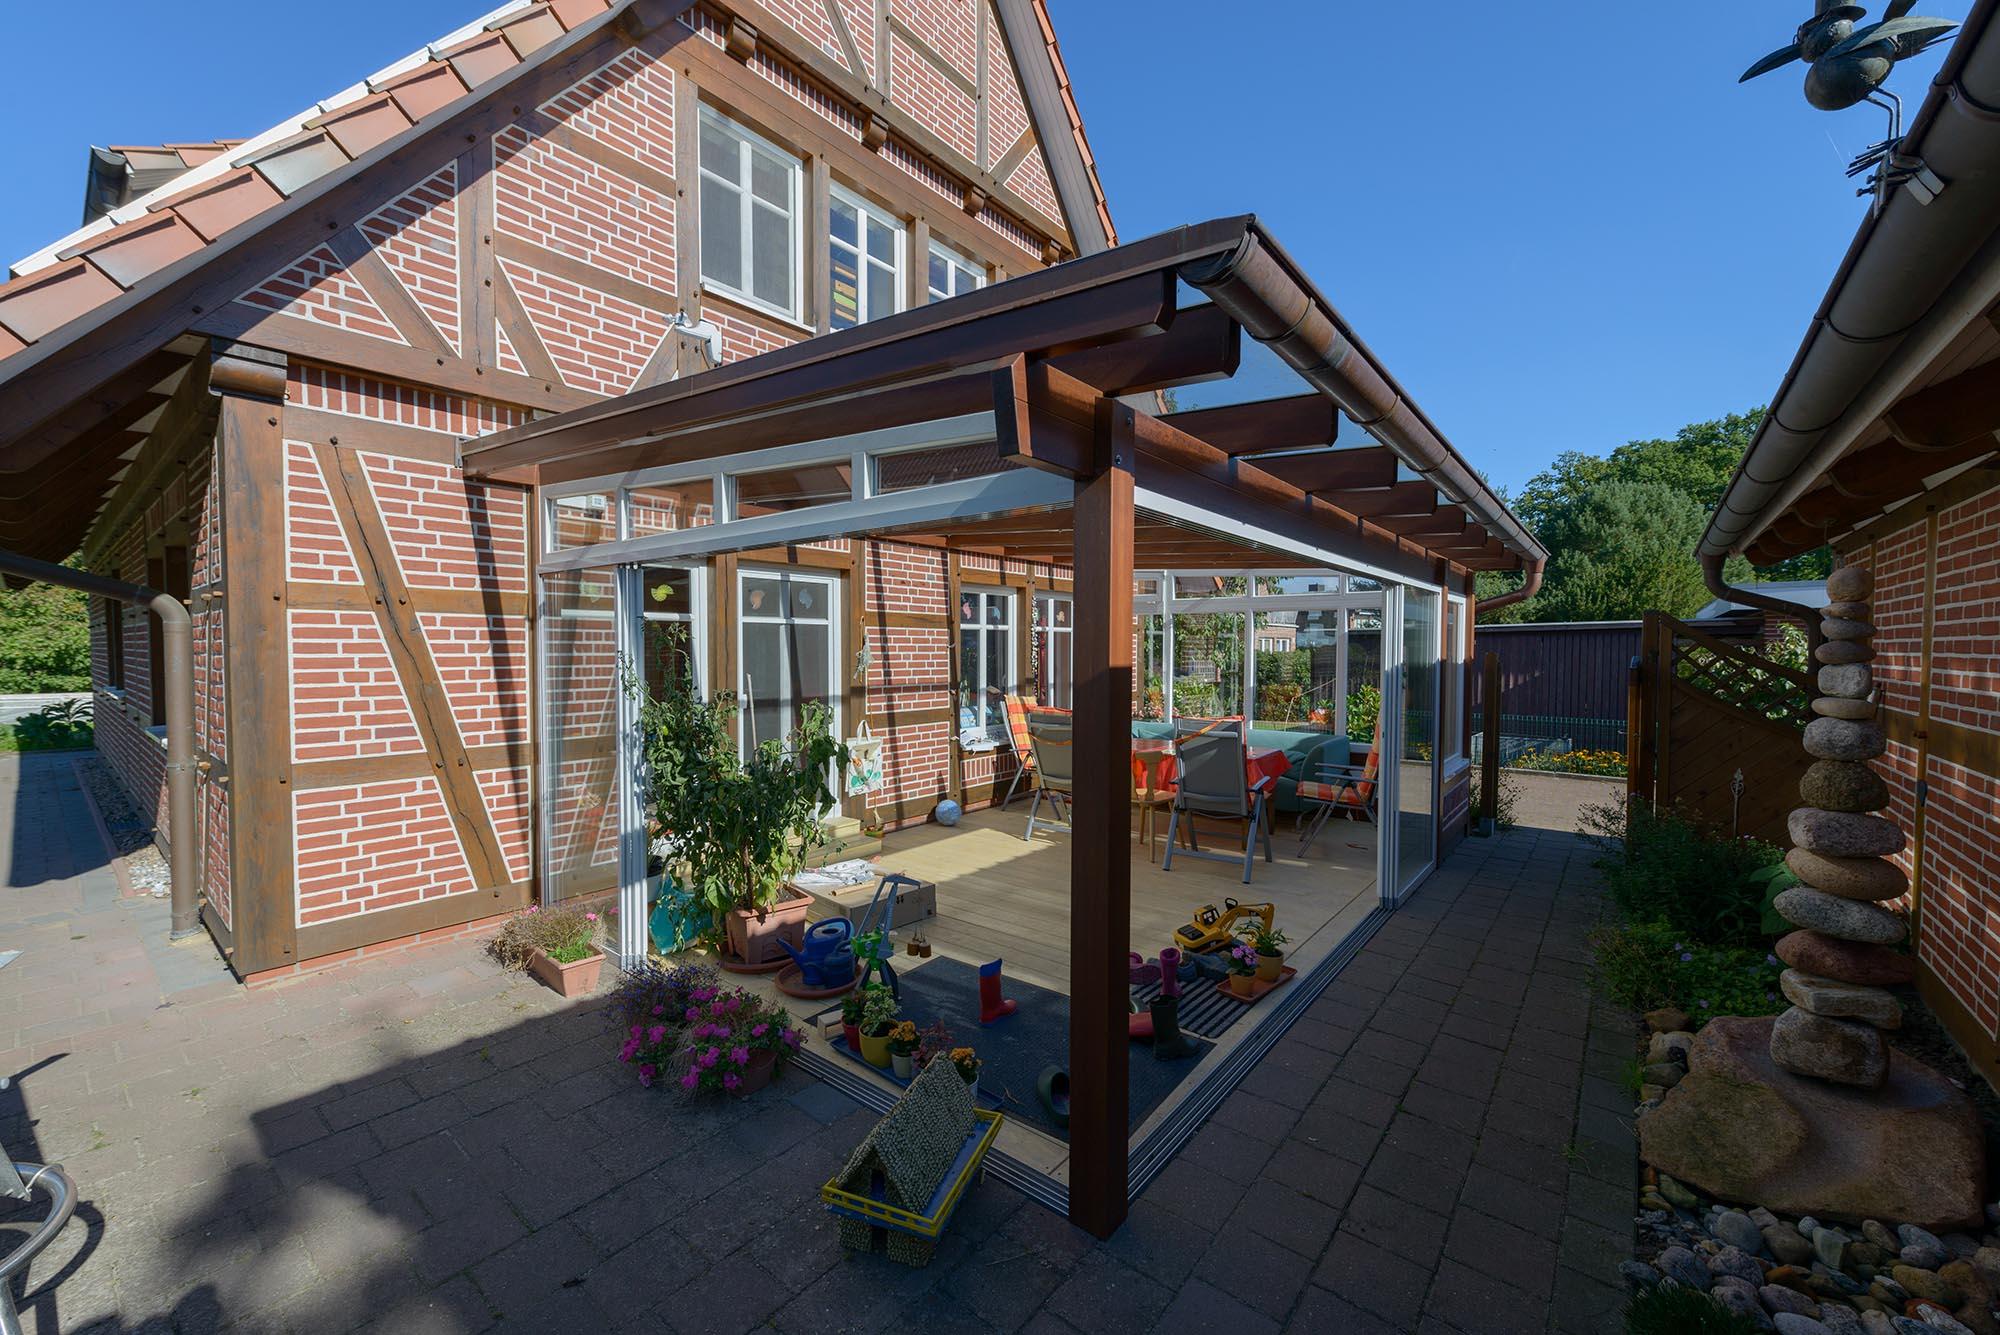 Holz Sommergarten am Fachwerkhaus - Seite links